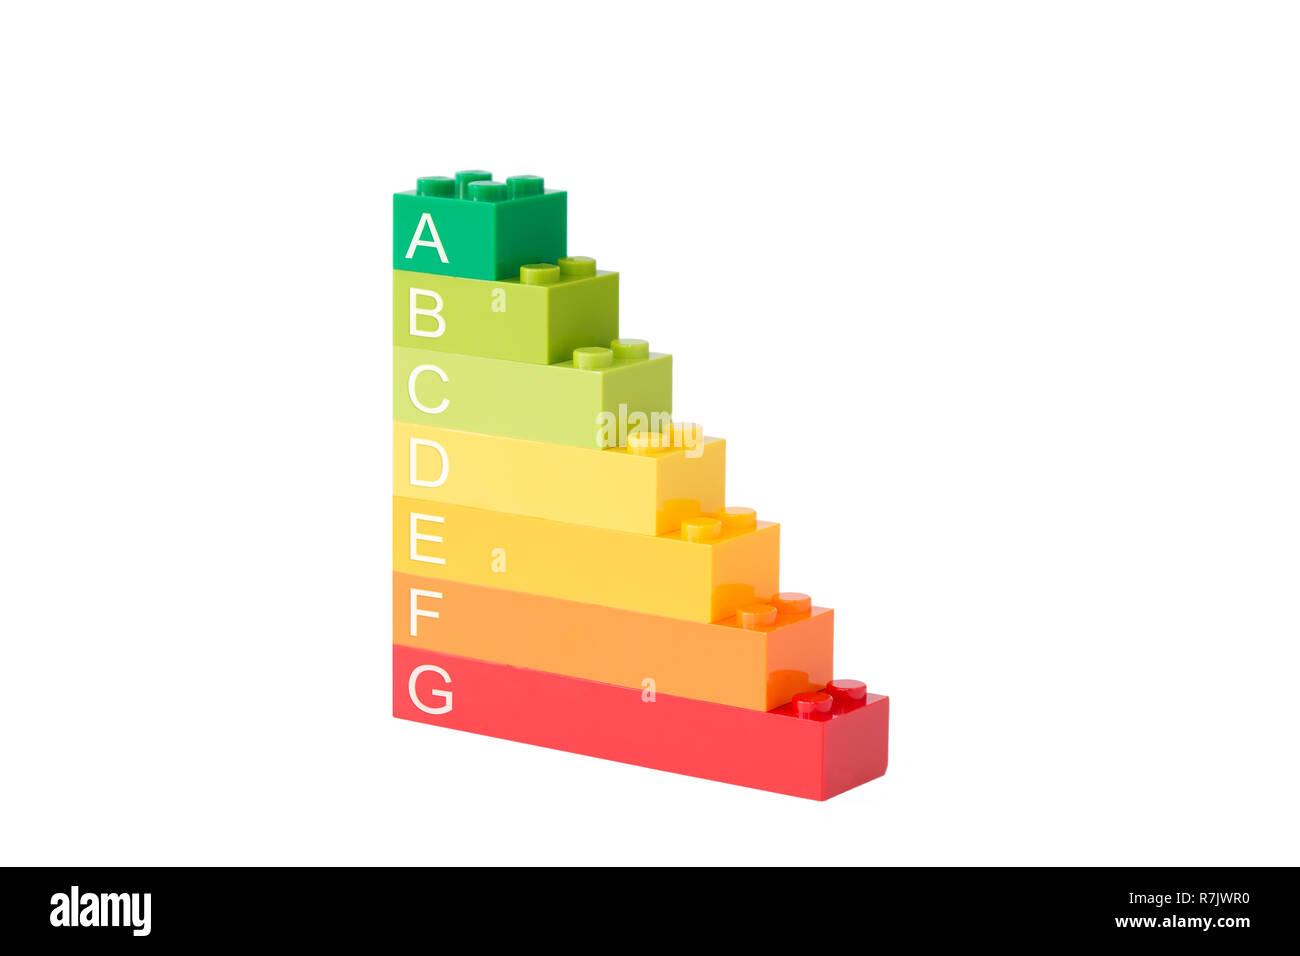 Europäische Union Energieeffizienz Label mit Klassen von A bis G, der Spielzeug Bauklötze, Seitenansicht. Auf weissem Hintergrund. Stockbild